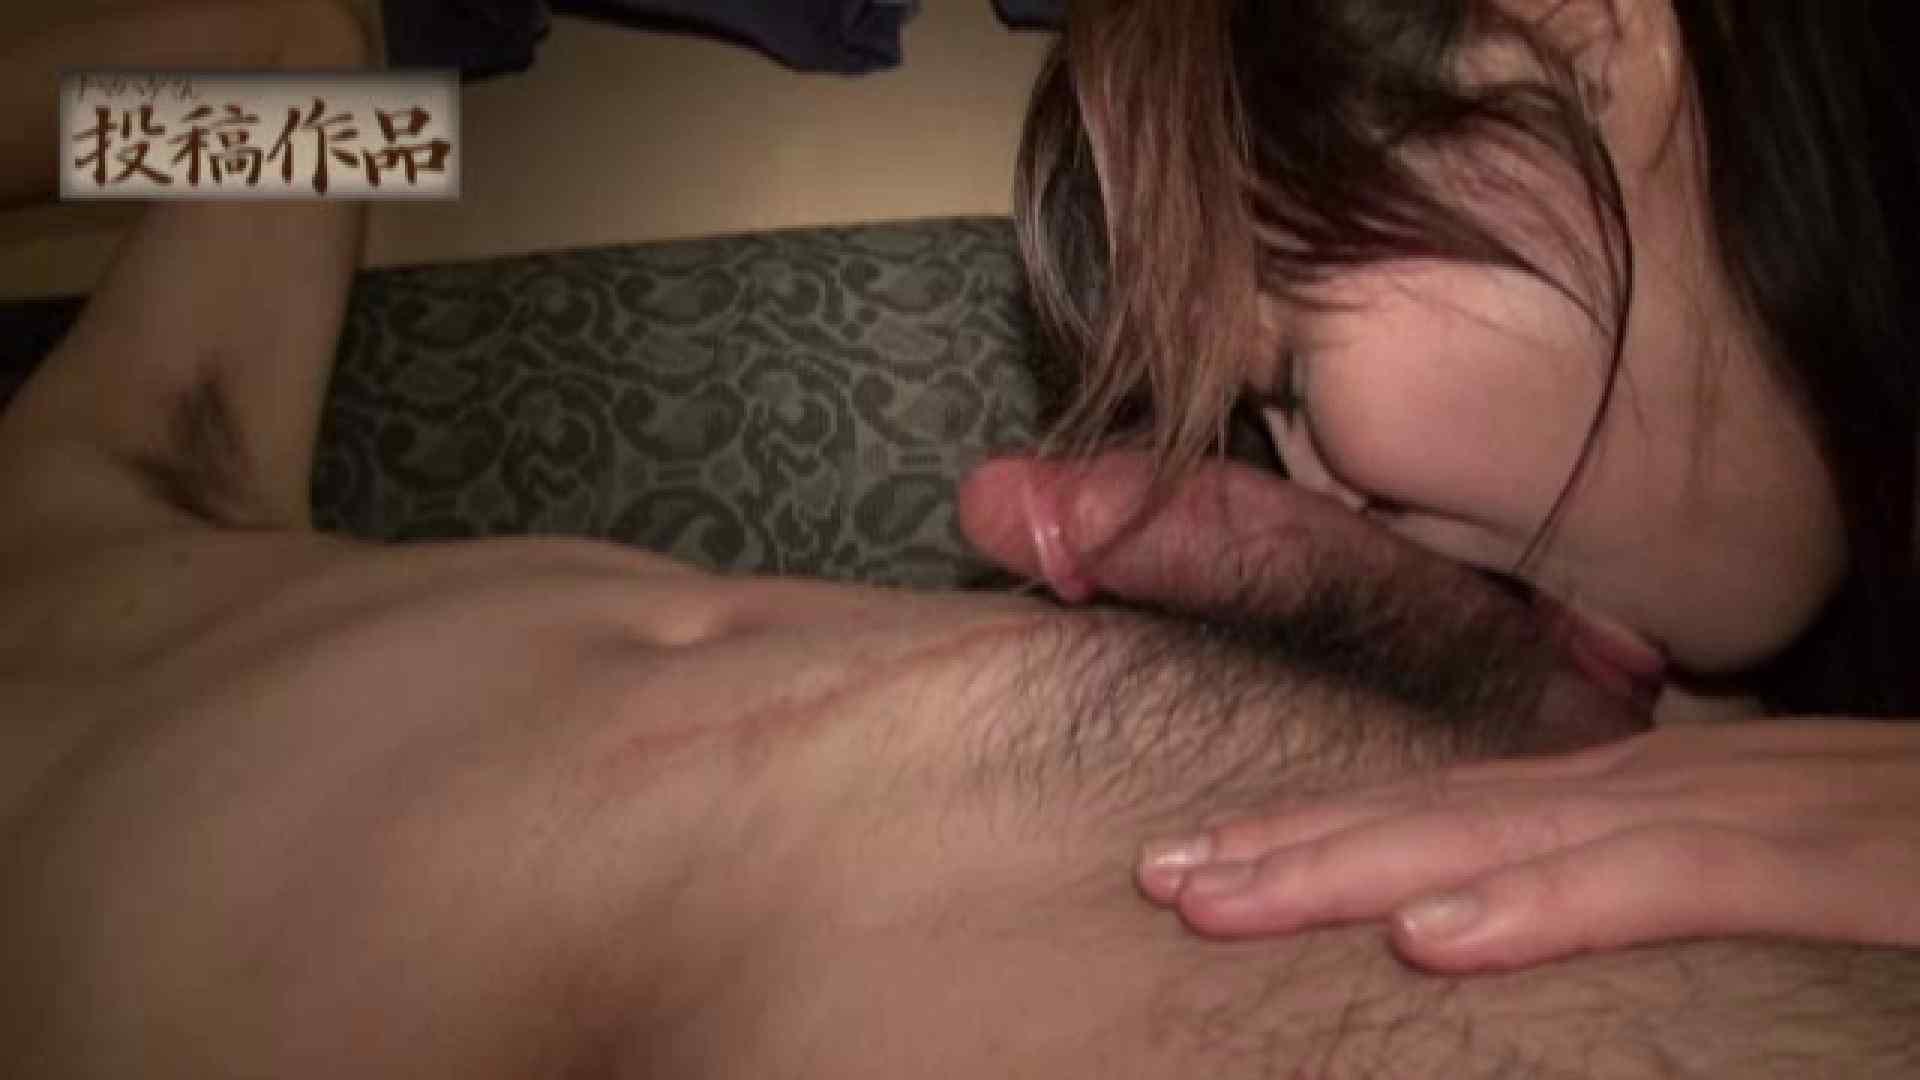 ナマハゲさんのまんこコレクション第二章 kazumi 02 OLのエッチ  72pic 24